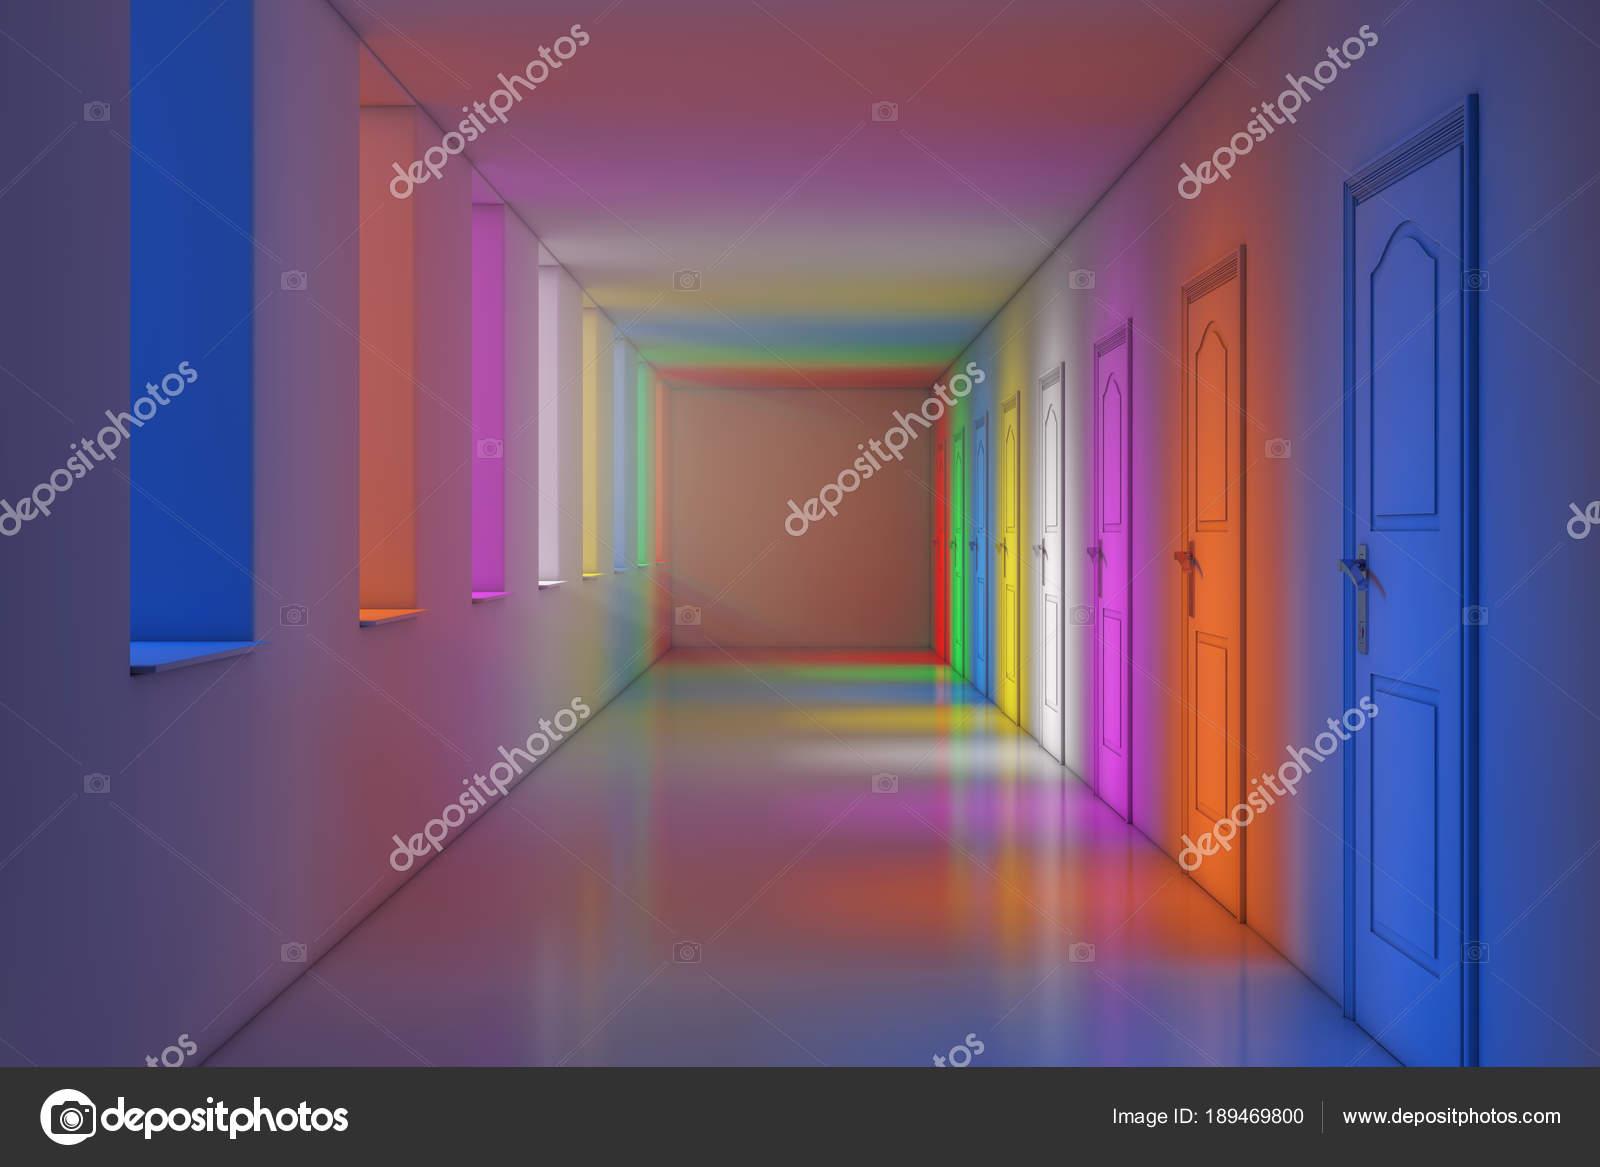 Kleur verlichting in de moderne lange kantoor school hotel of